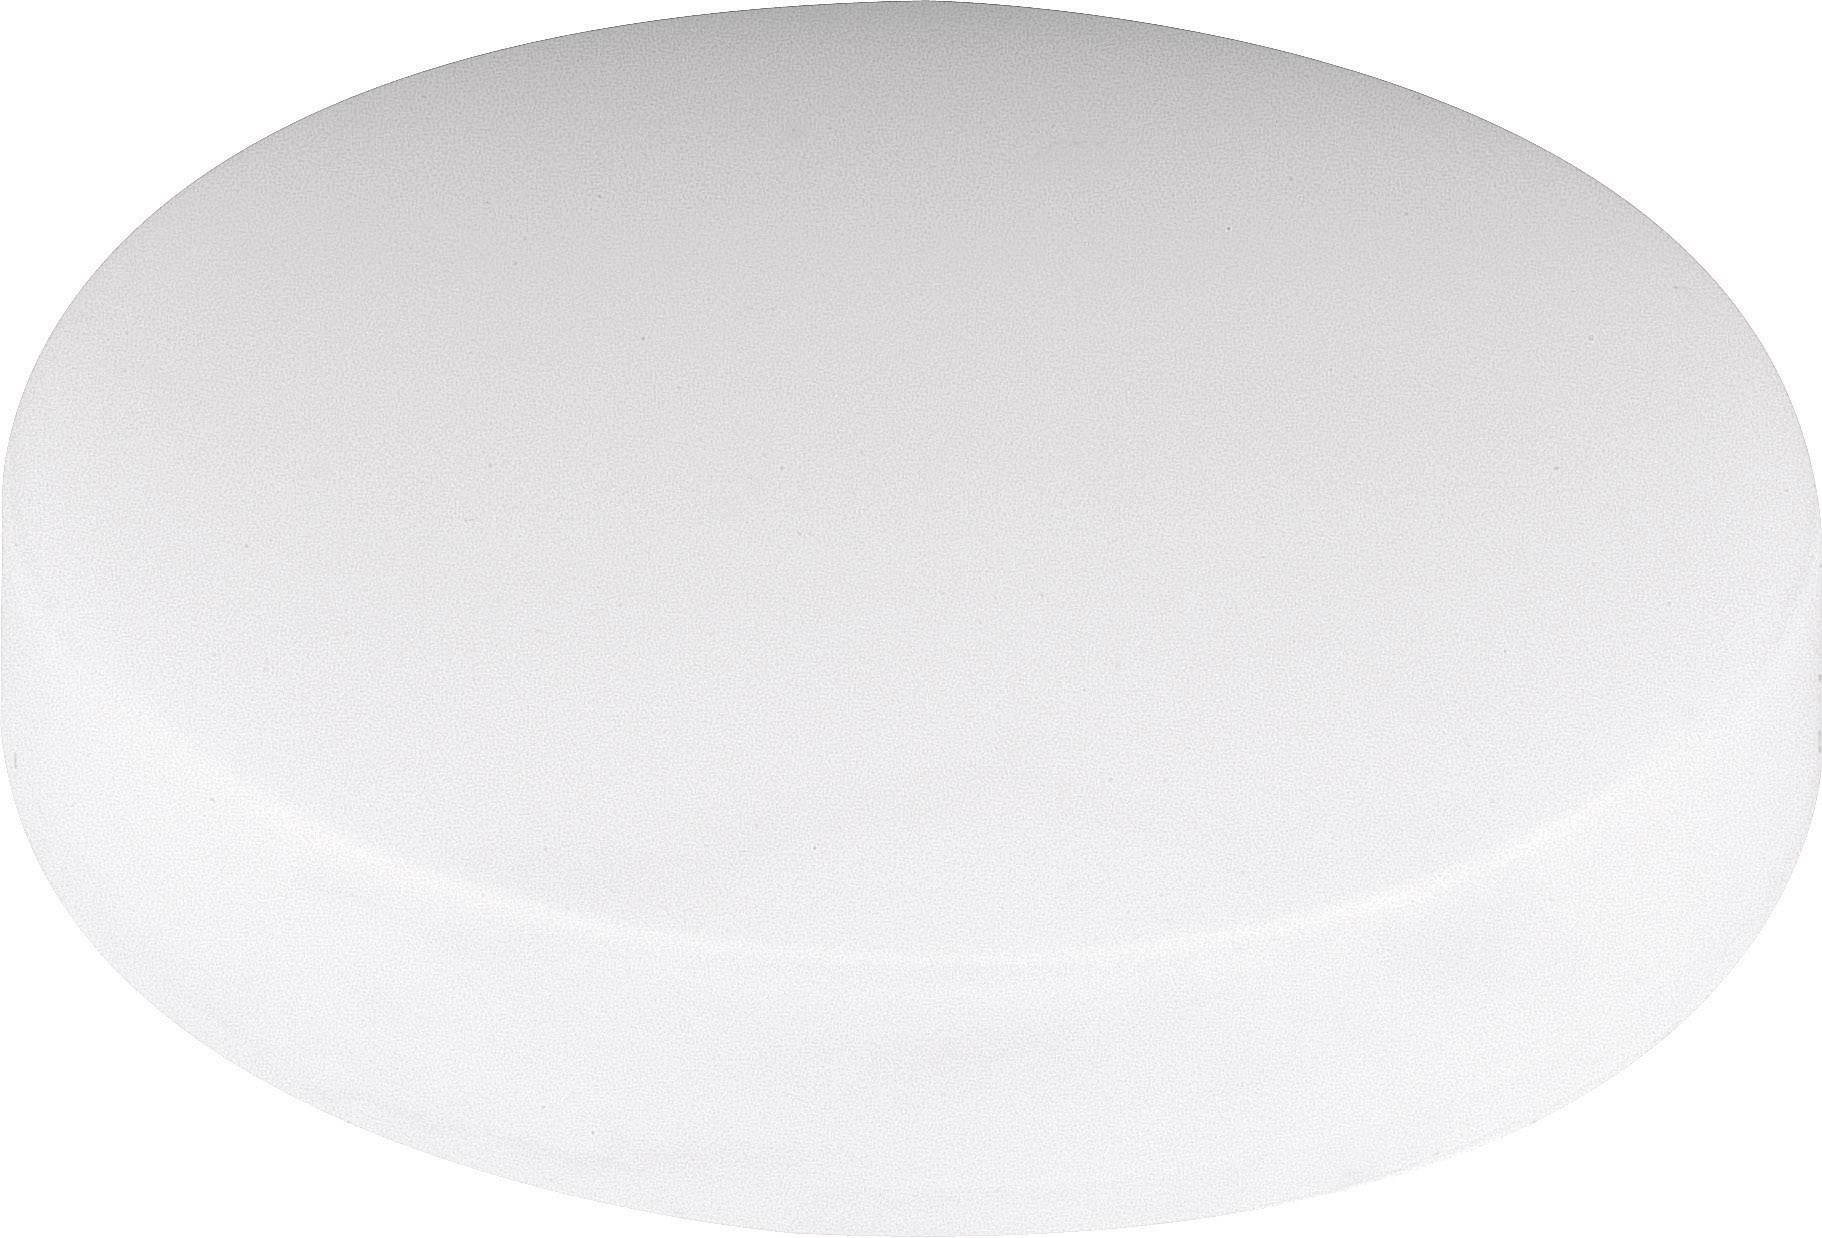 Světelná krytka pro reflektor Mentor, 2510.0200, 40 mm, (Ø x v) 41 mm x 7 mm, červená